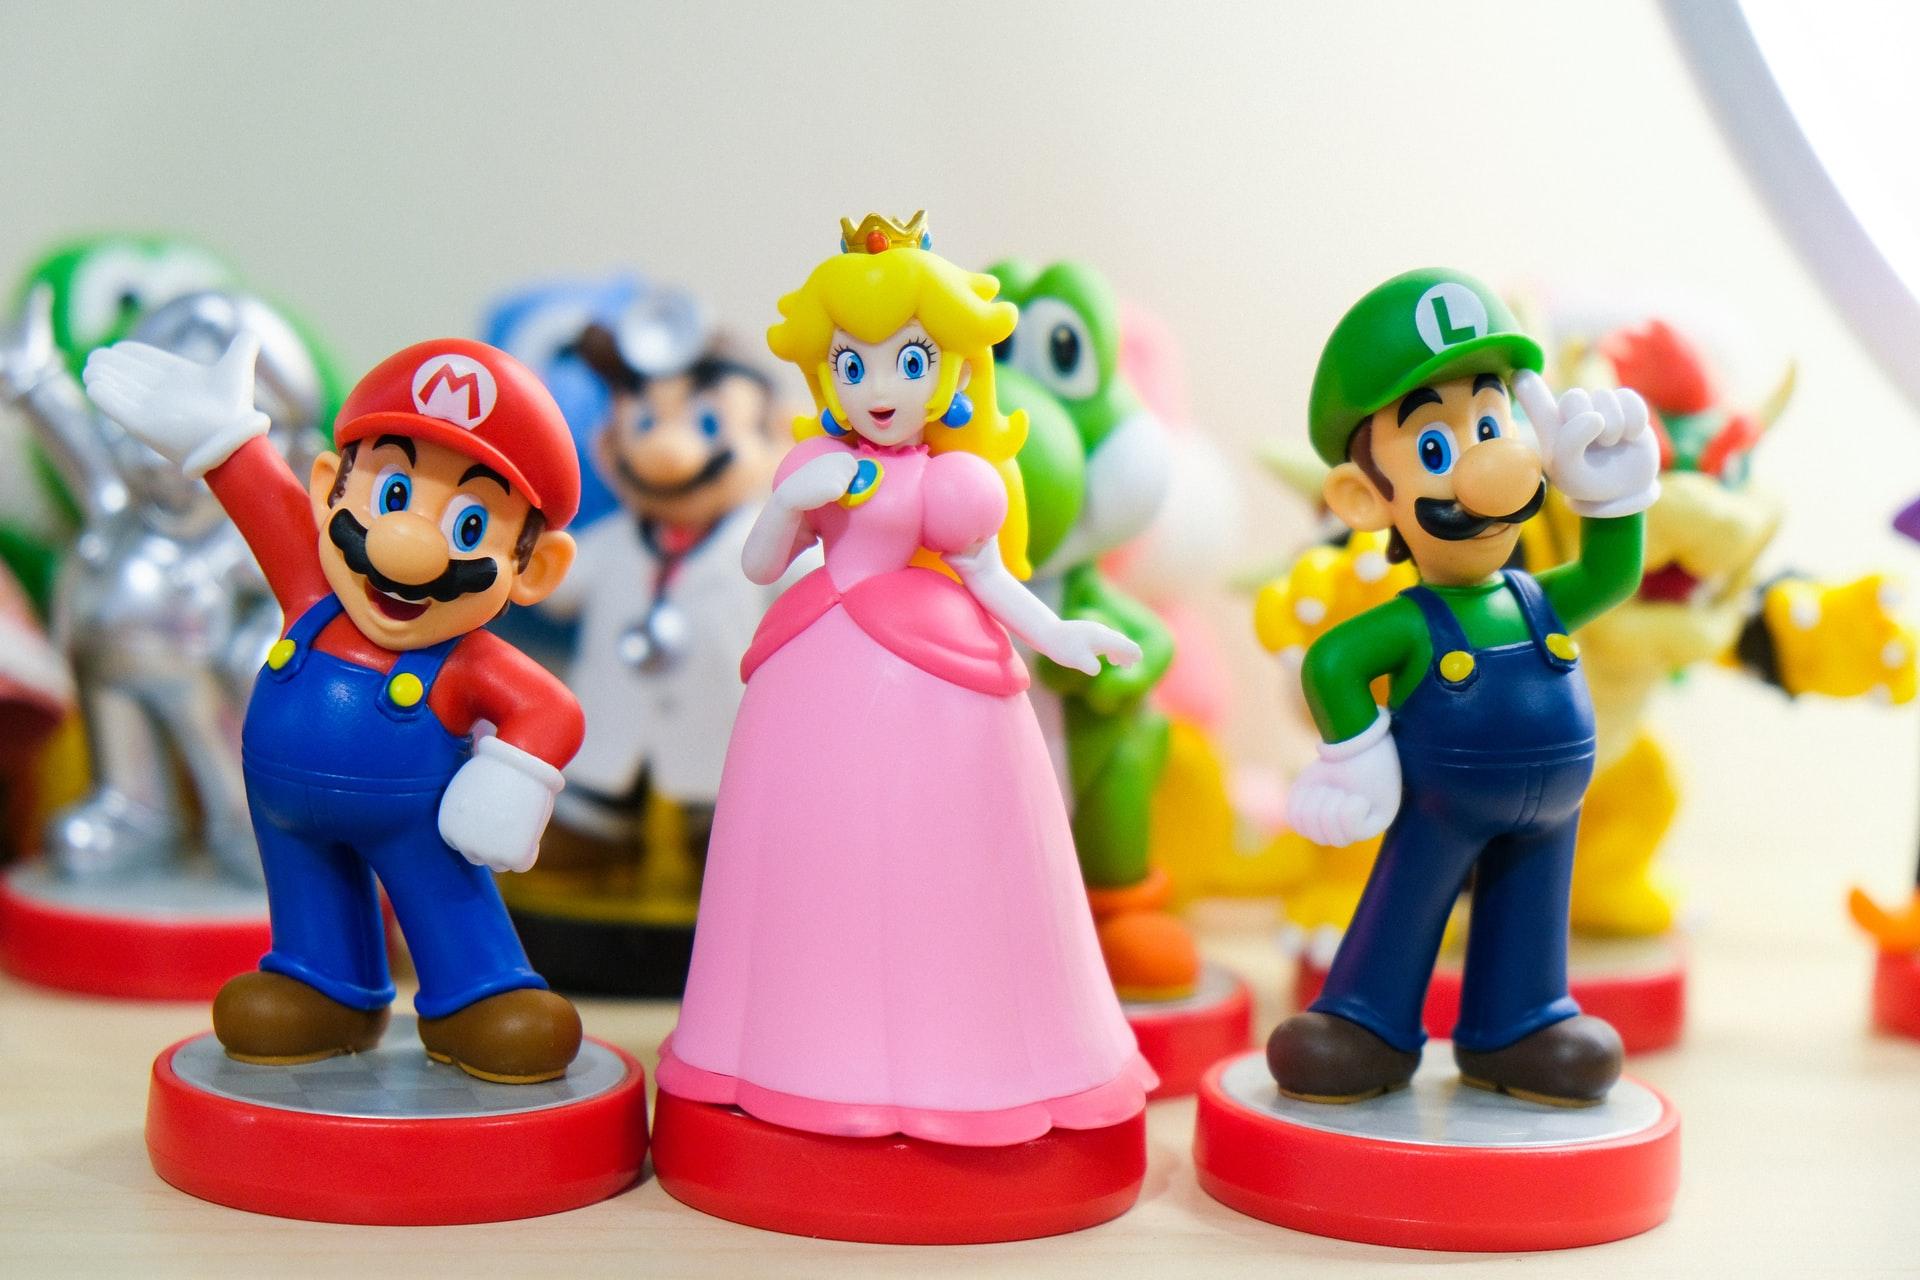 Super Mario Odyssey Steckbrief – Spielverlauf